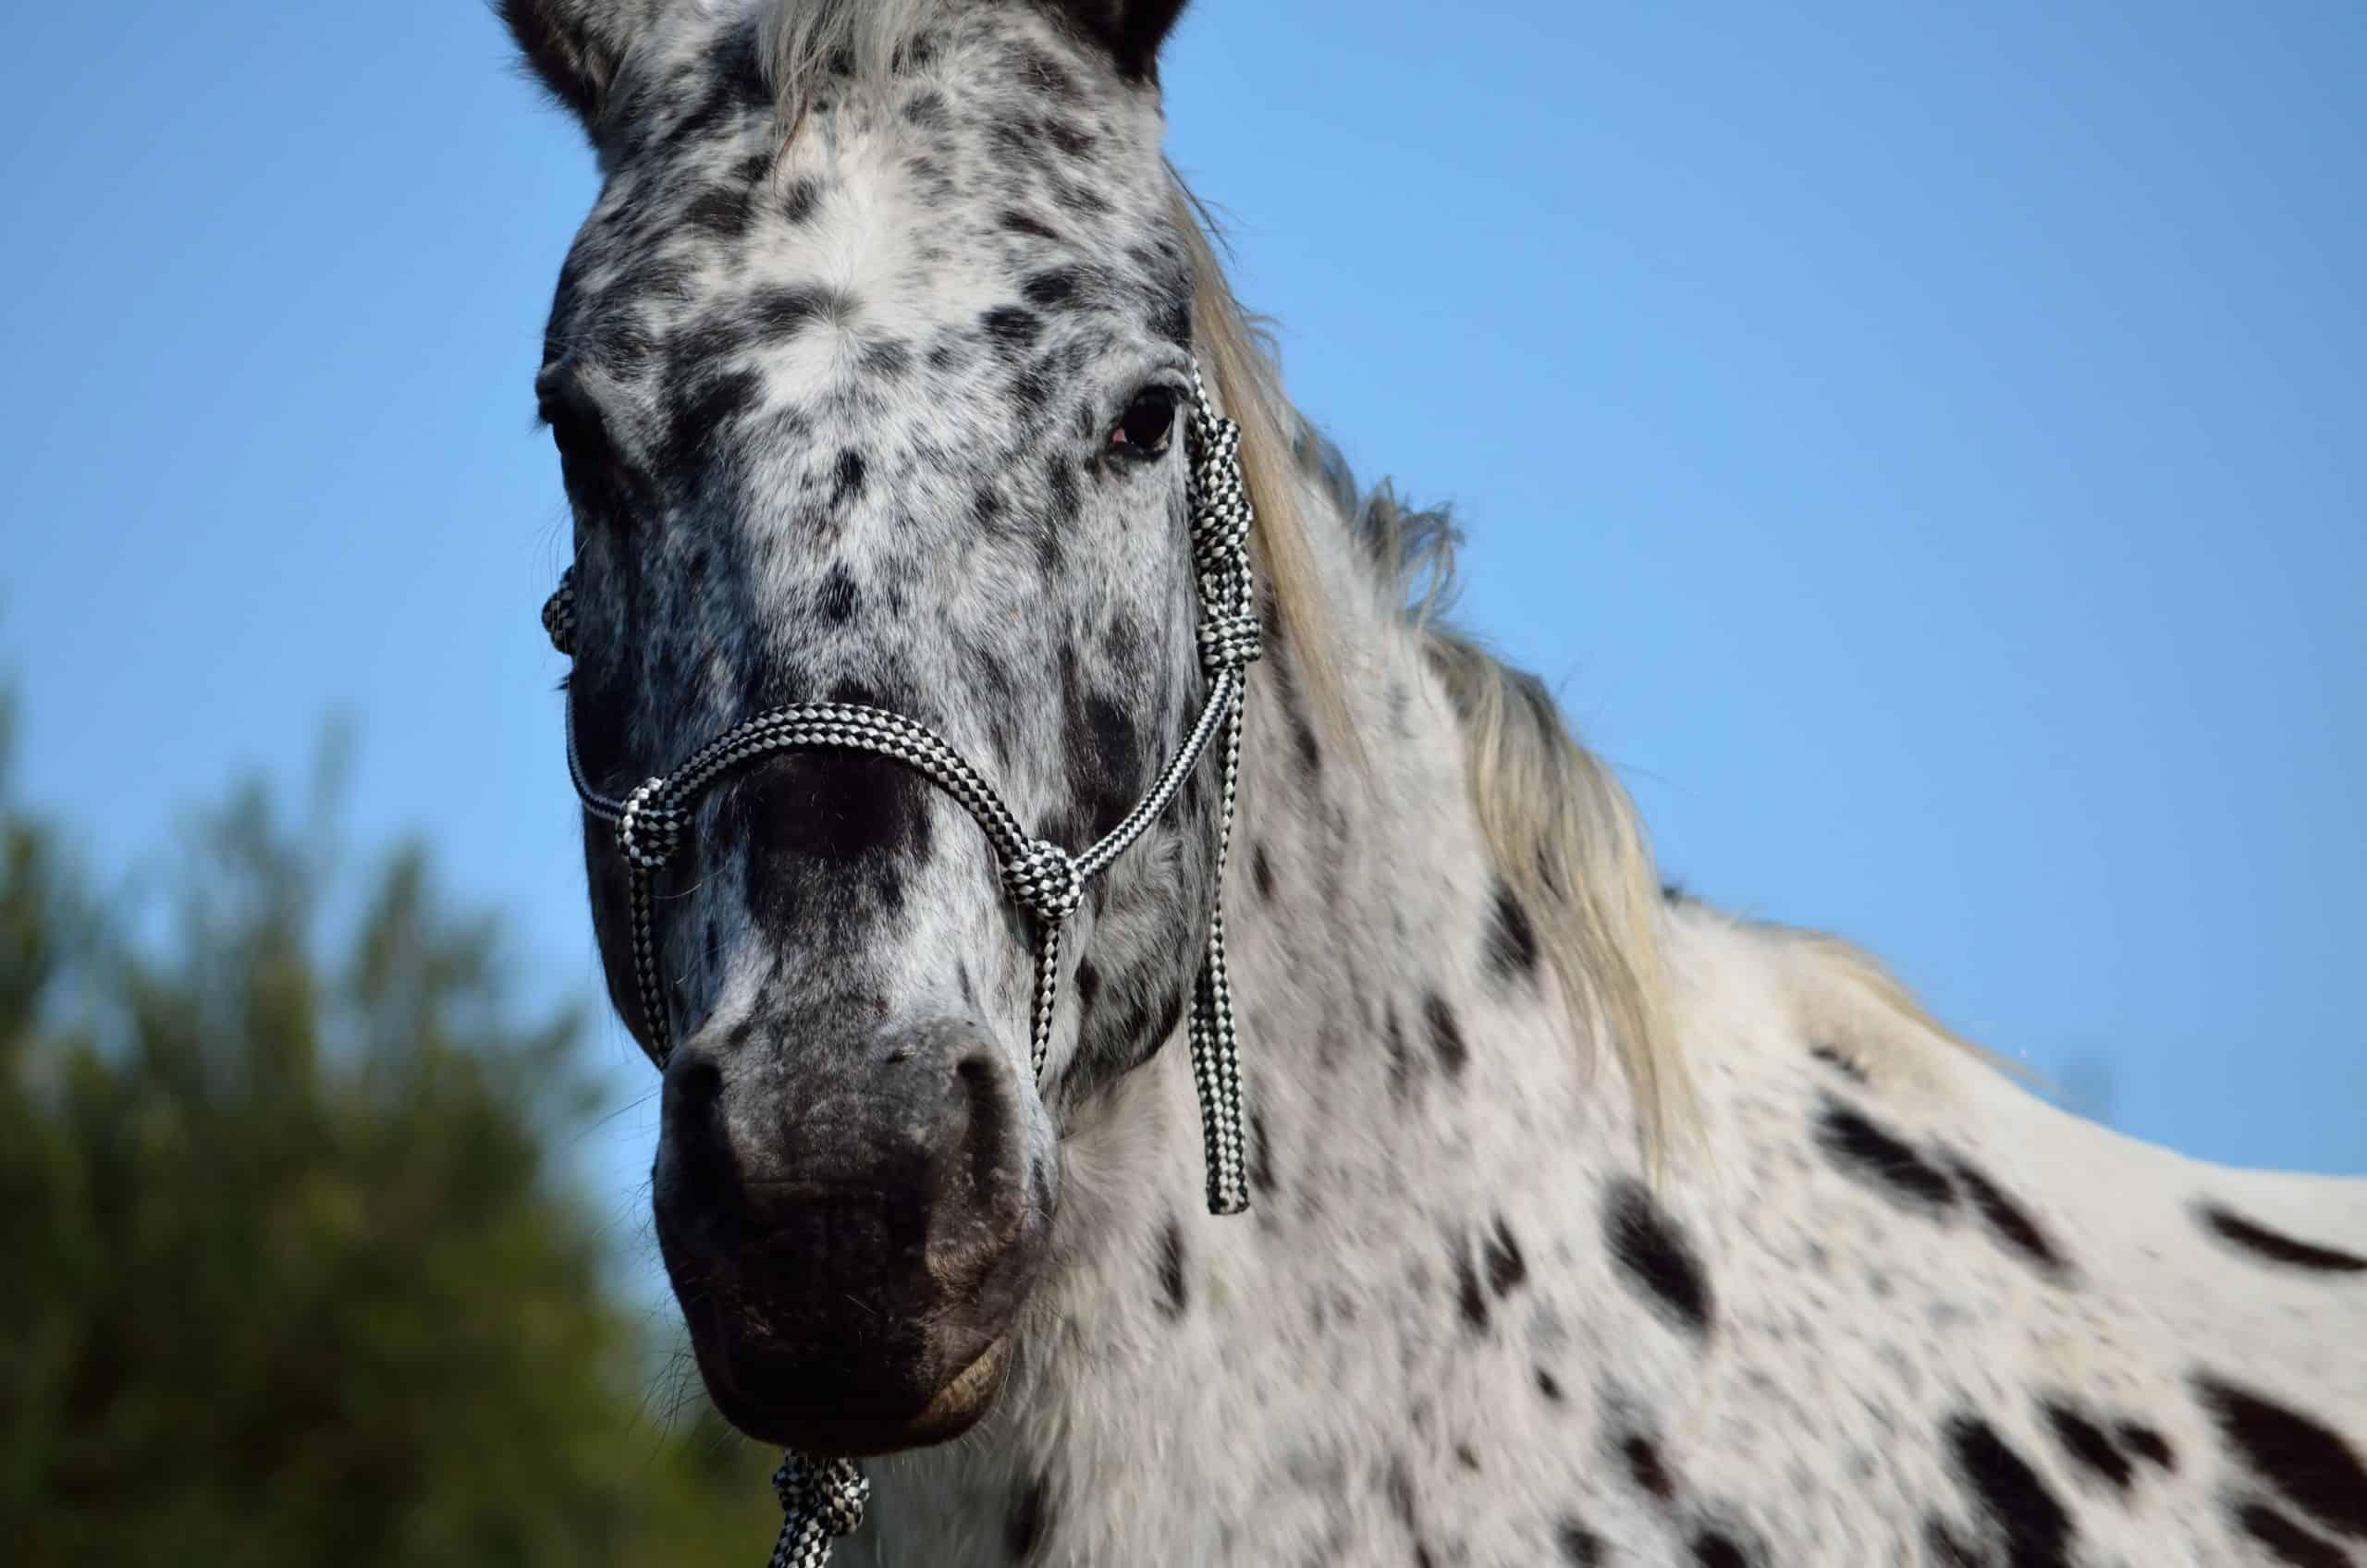 A appaloosa gelding nose